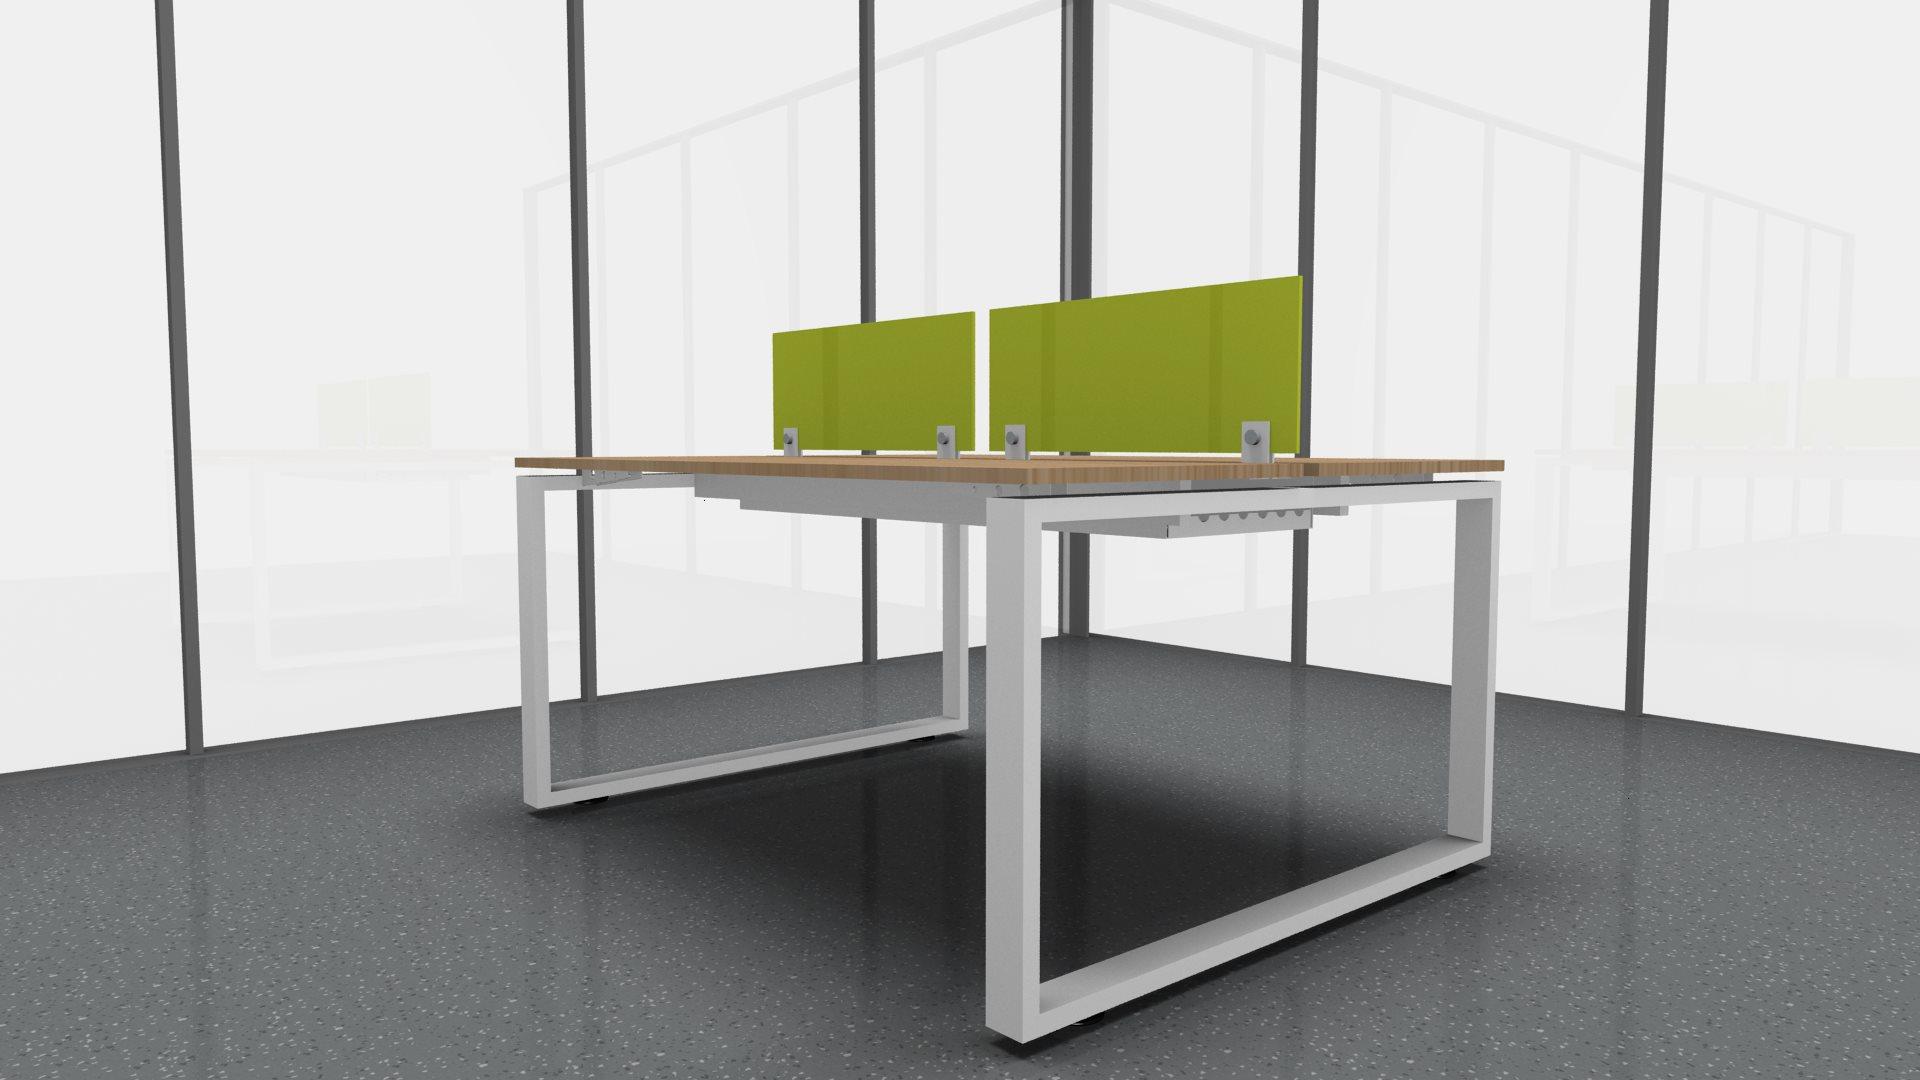 Basflex mobiliario mobiliario t net basflex for Mobiliario oficina sillas